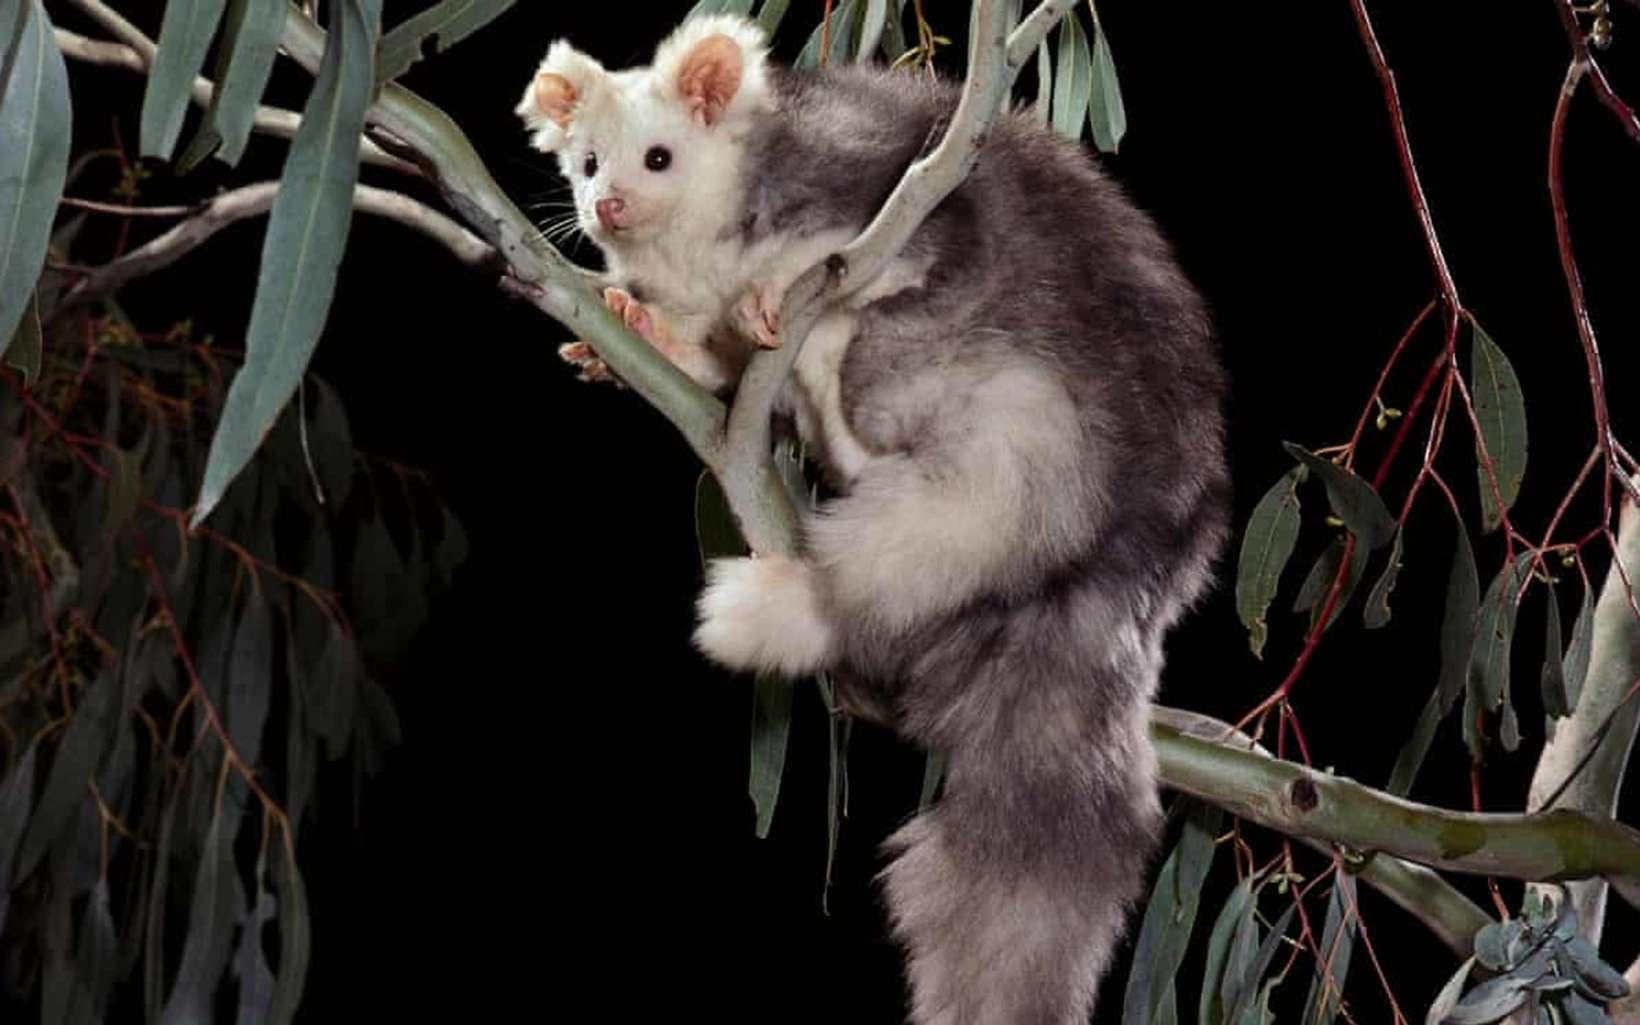 Le grand phalanger volant vit des les forêt d'eucalyptus de la Cordillère australienne. © Alamy Stock Photo